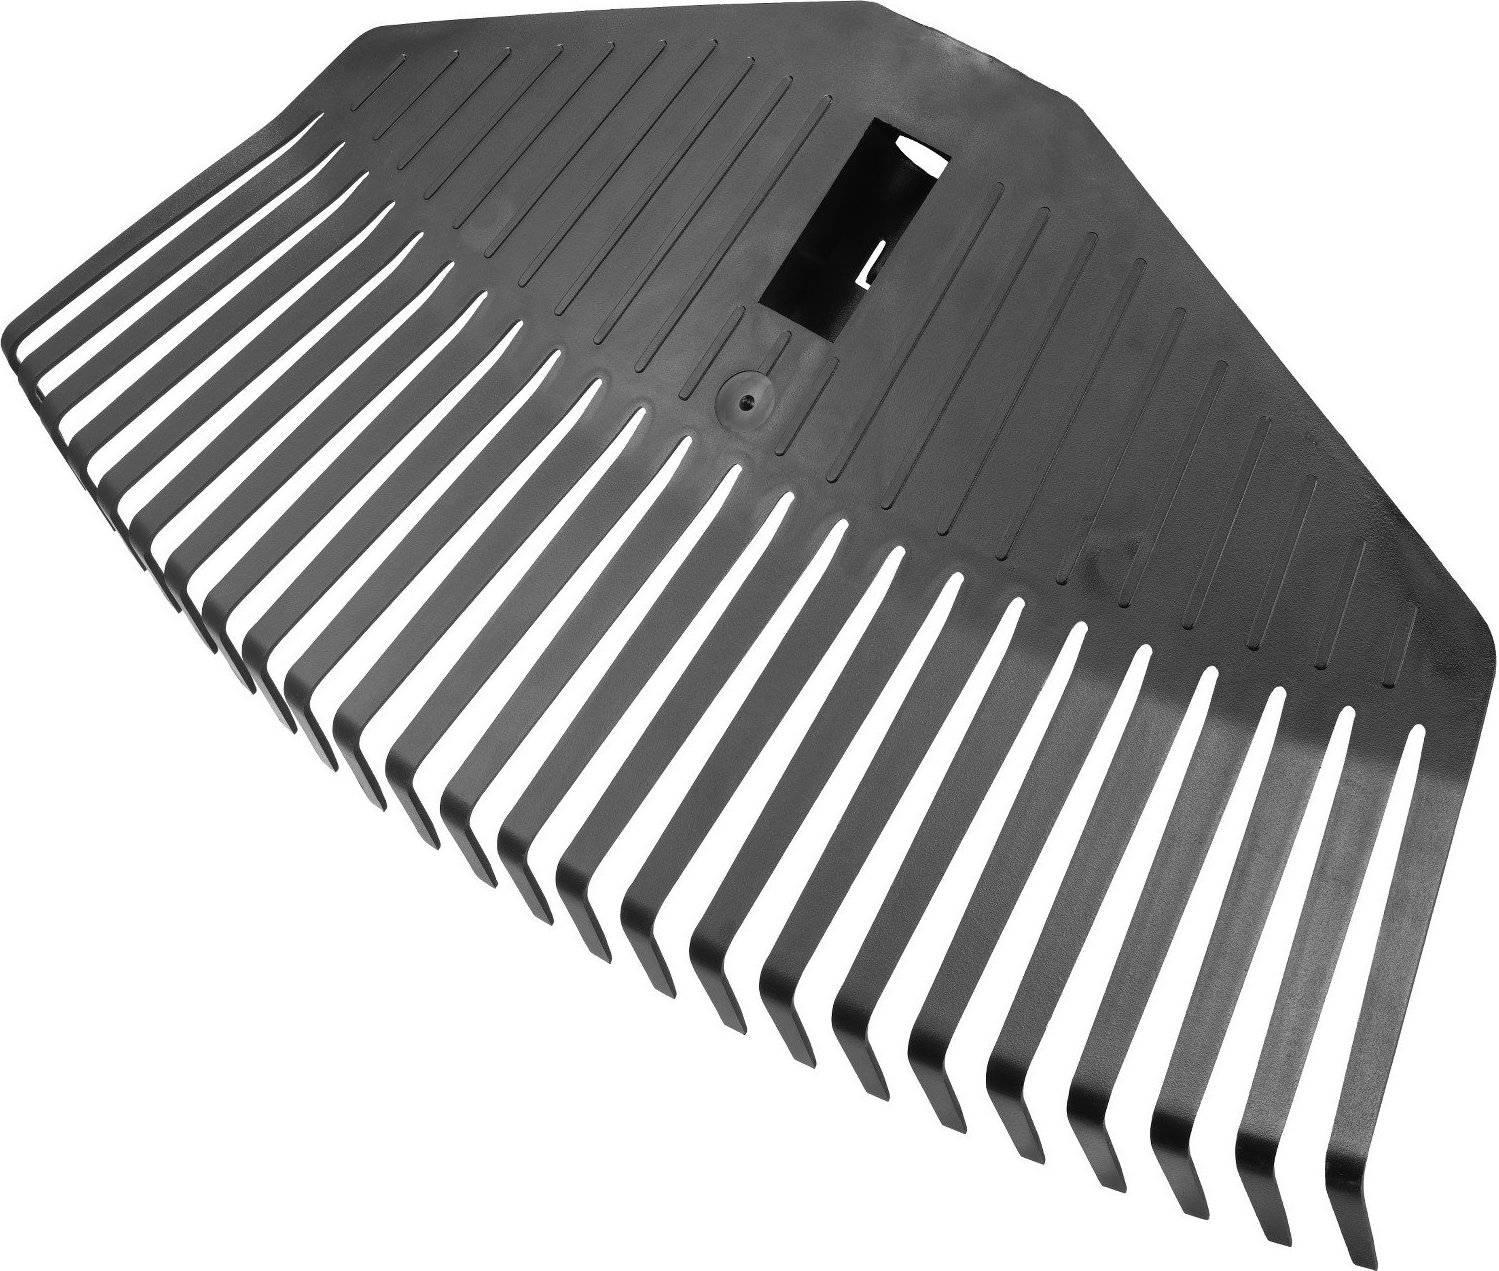 Hrábě Solid (M) 1014914 Fiskars